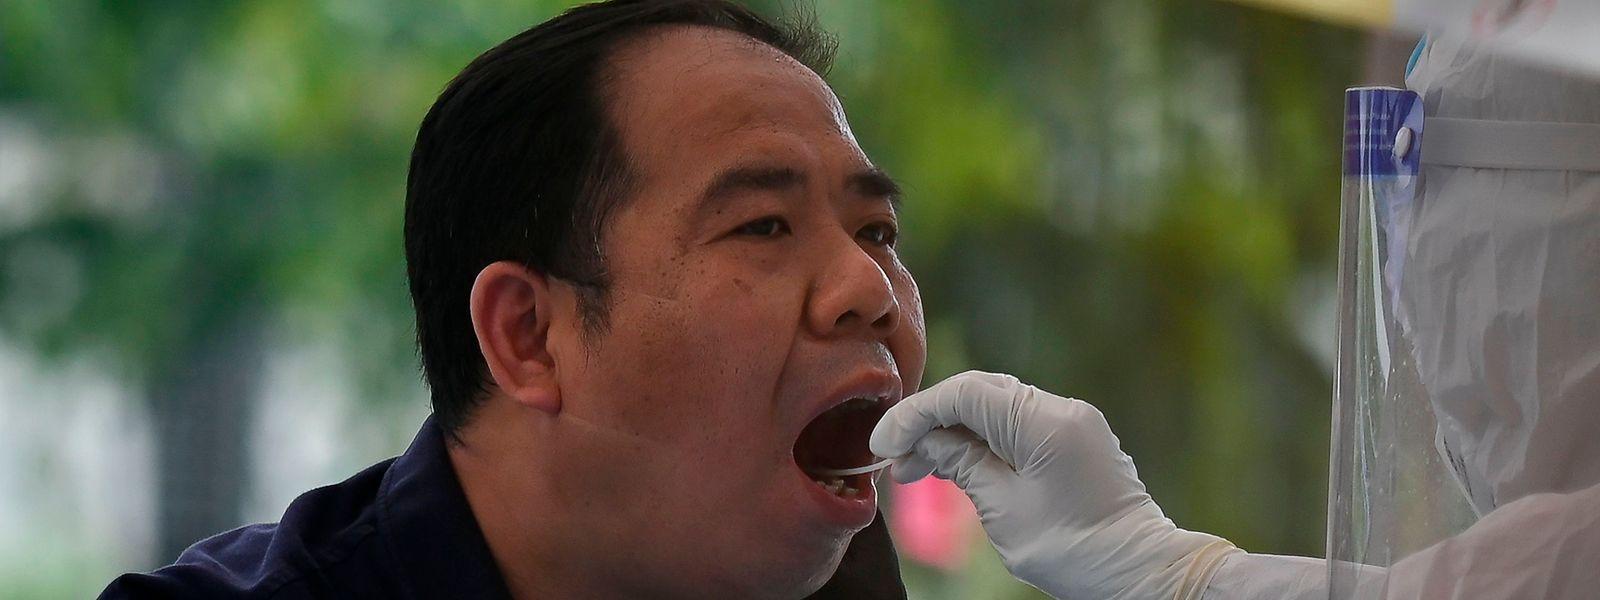 Les autorités locales ont mis en place ces derniers jours une vaste campagne de dépistage dans le but de stopper la propagation du virus.